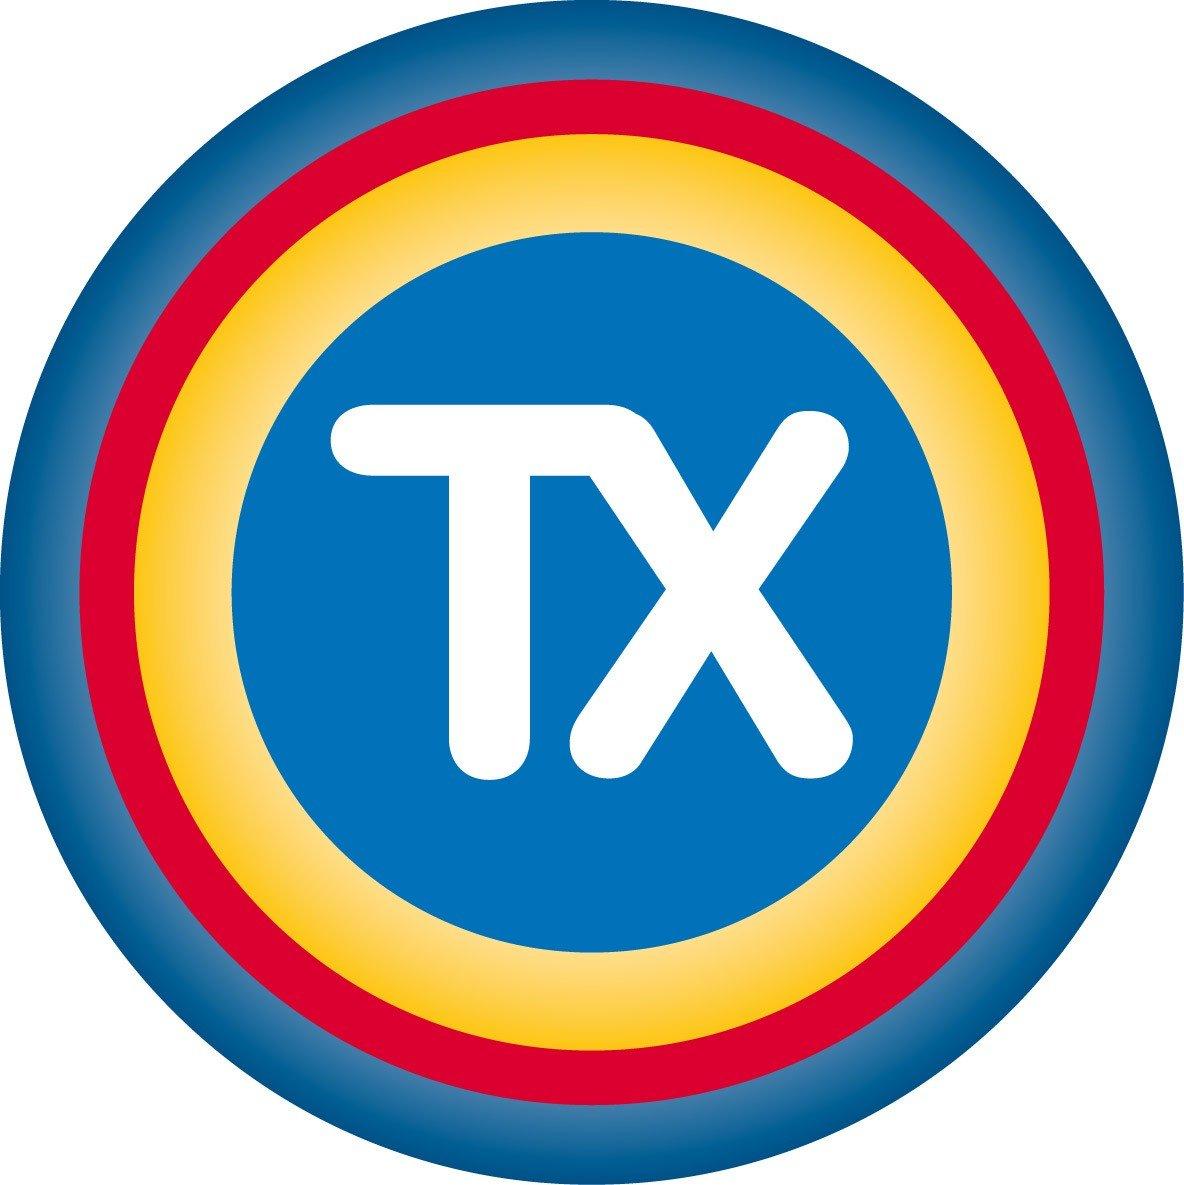 Anagrama de Tecnix. Tienas de electrónica.